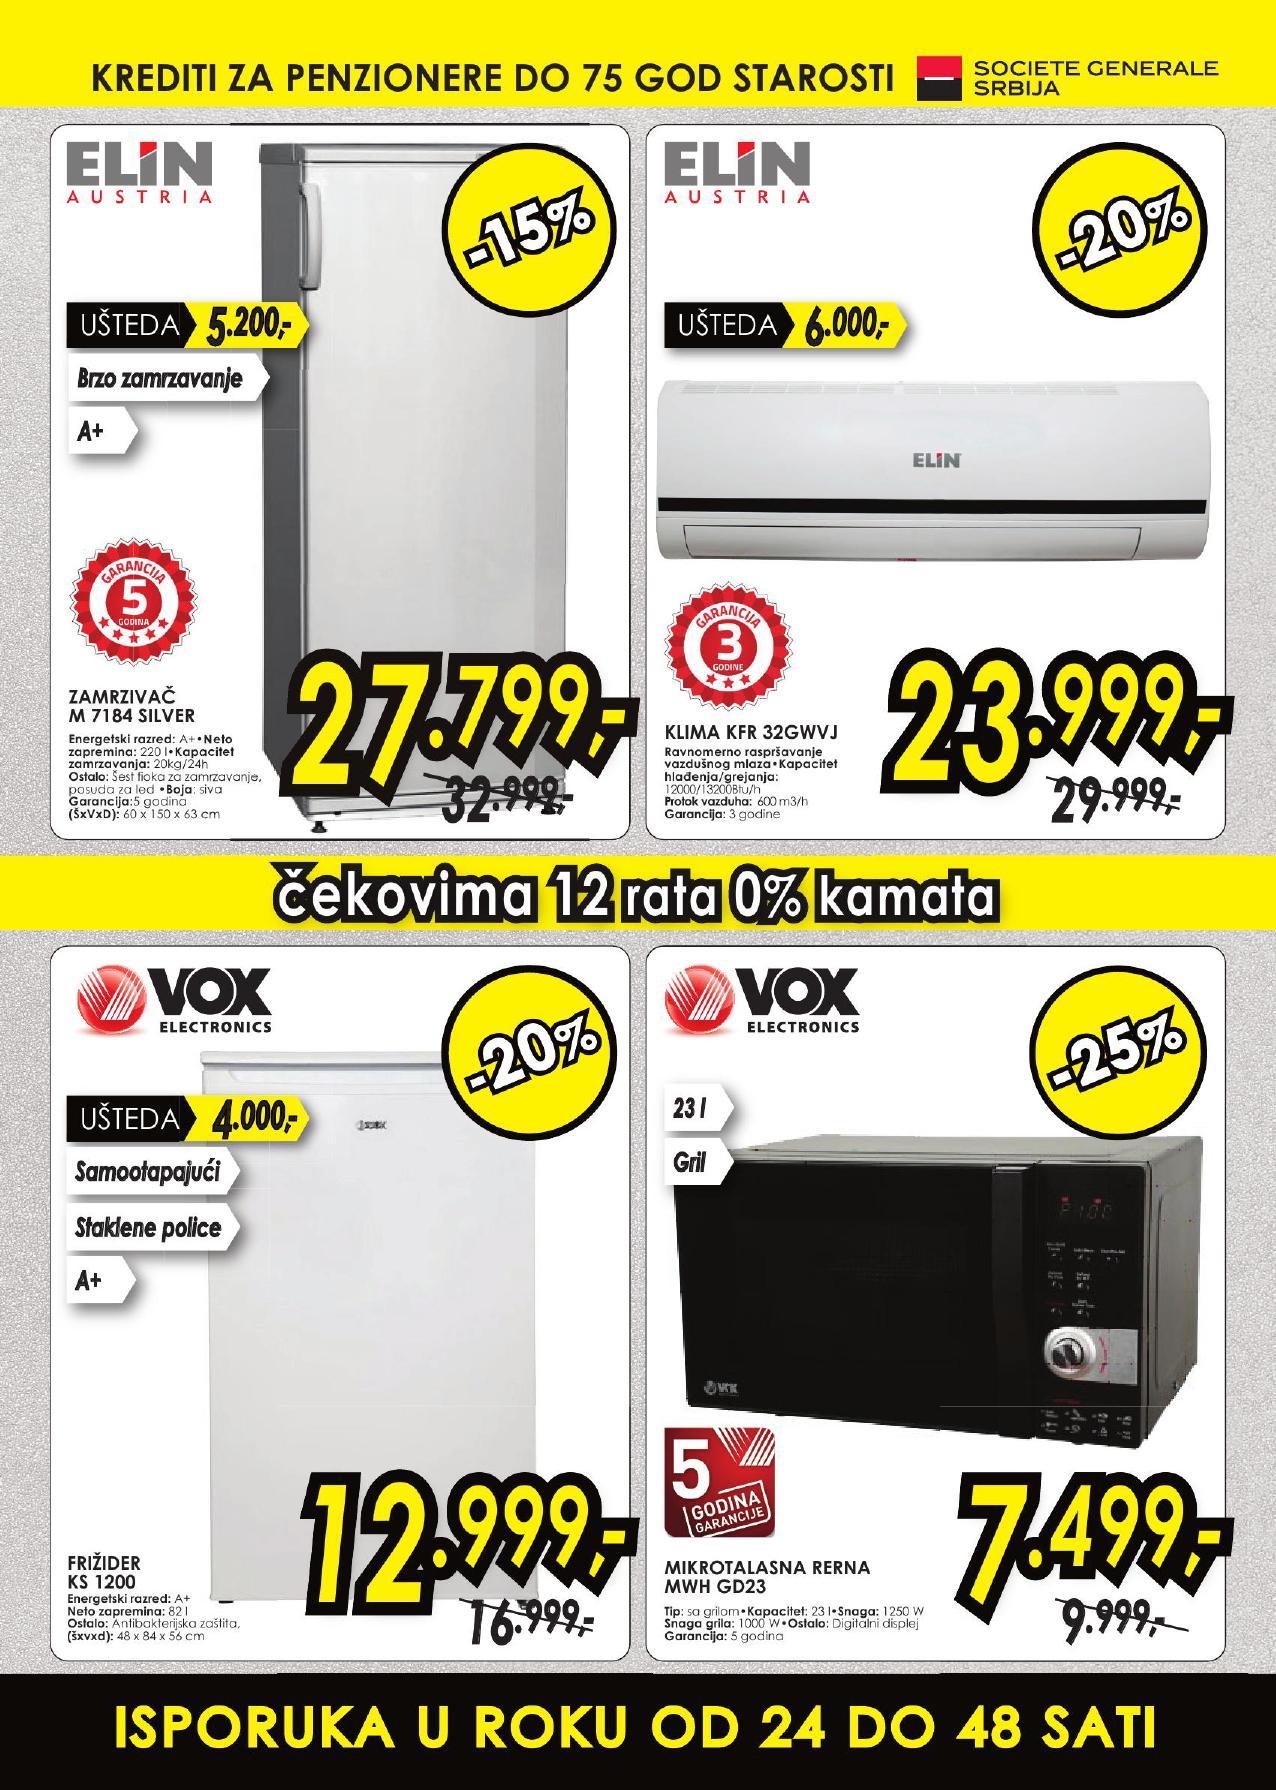 Tehnomanija akcija vikend super cena u Vojvodini